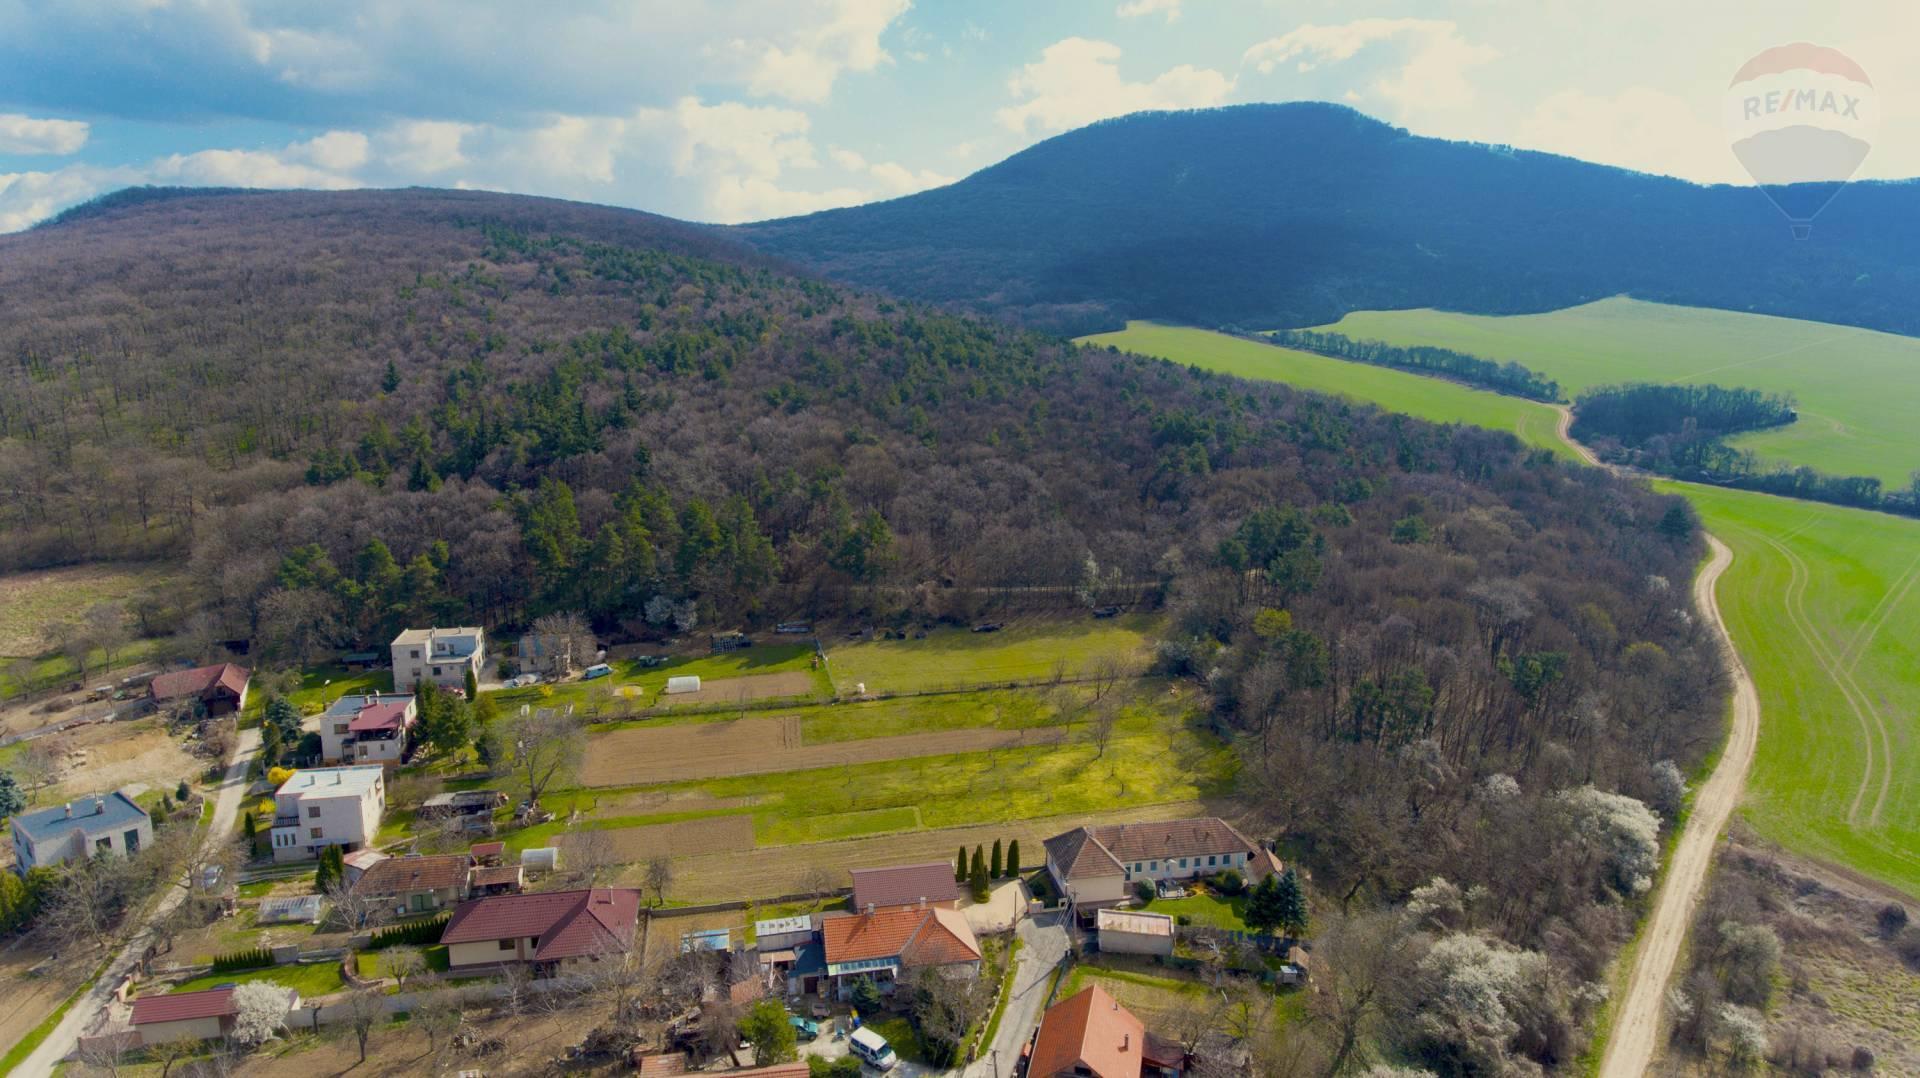 Na predaj - pozemok s chalupou a priamym prístupom do lesa, - Podhorany, časť Mechenice